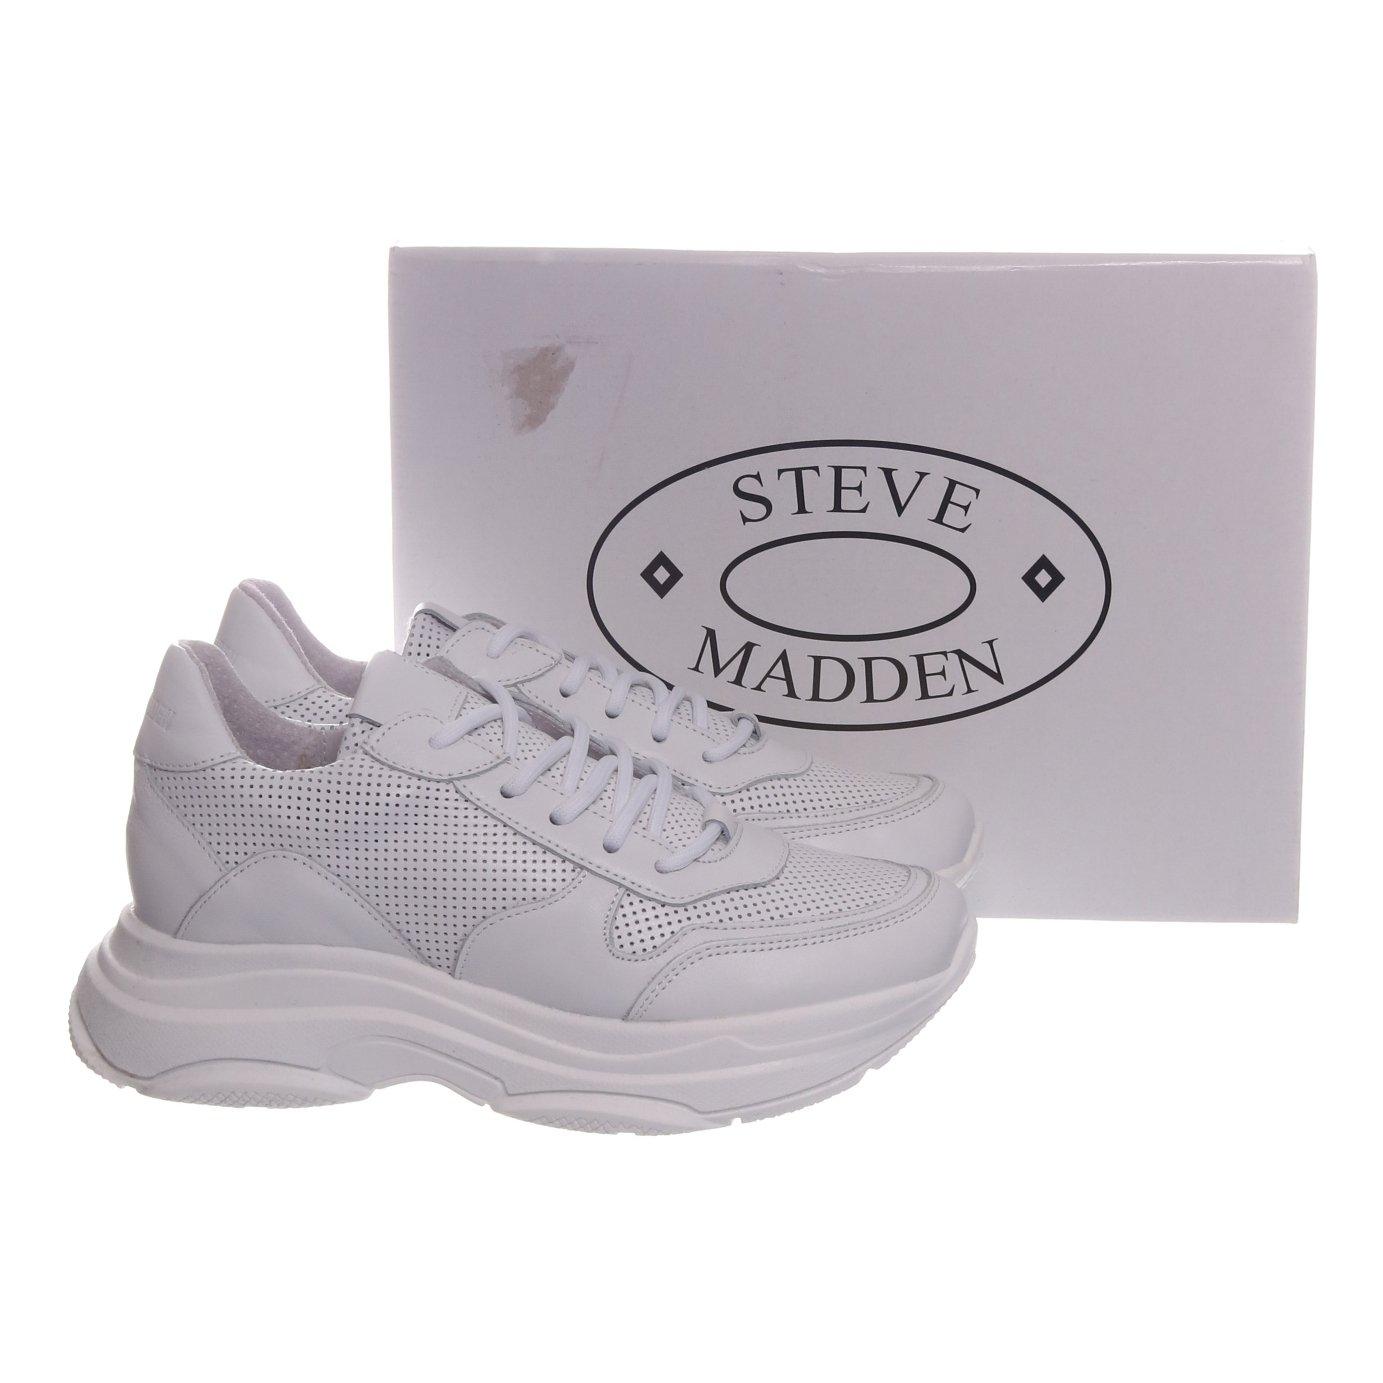 Steve Madden, Sneakers, Strl: 37, Zela P, Skinn, Vit